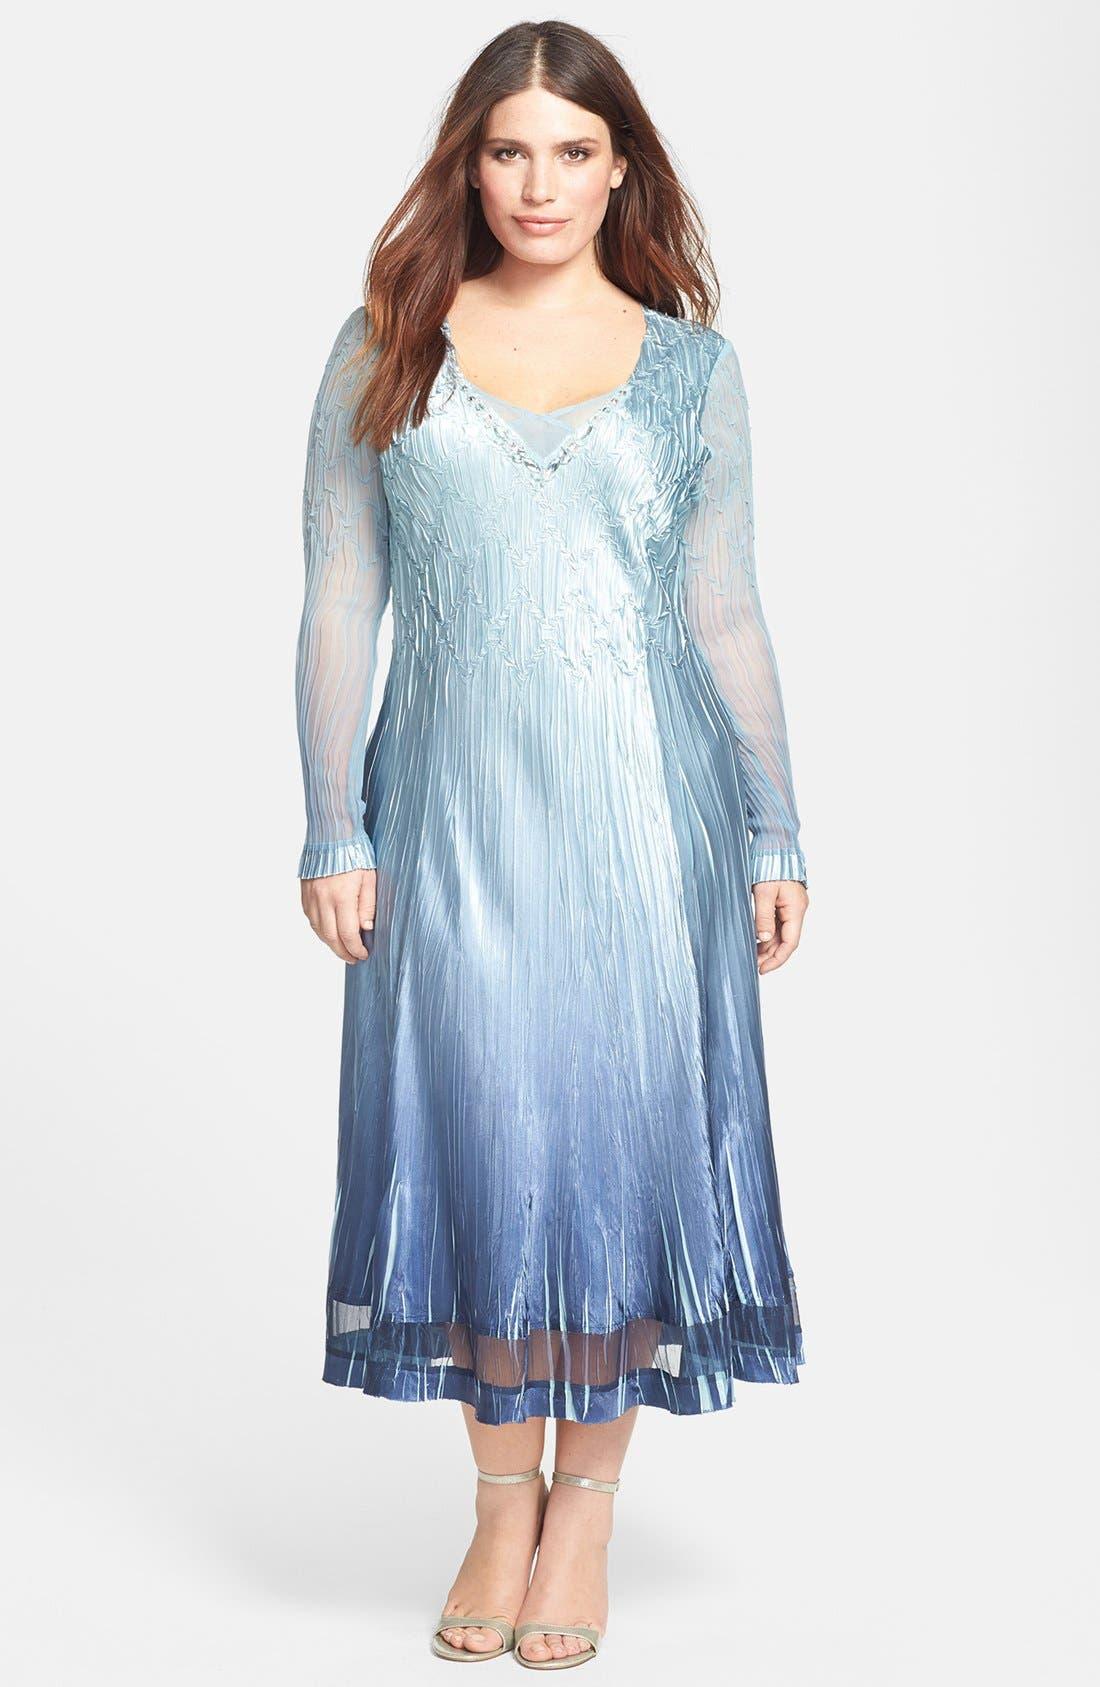 Alternate Image 1 Selected - Komarov Chiffon & Charmeuse Embellished Dress (Plus Size)